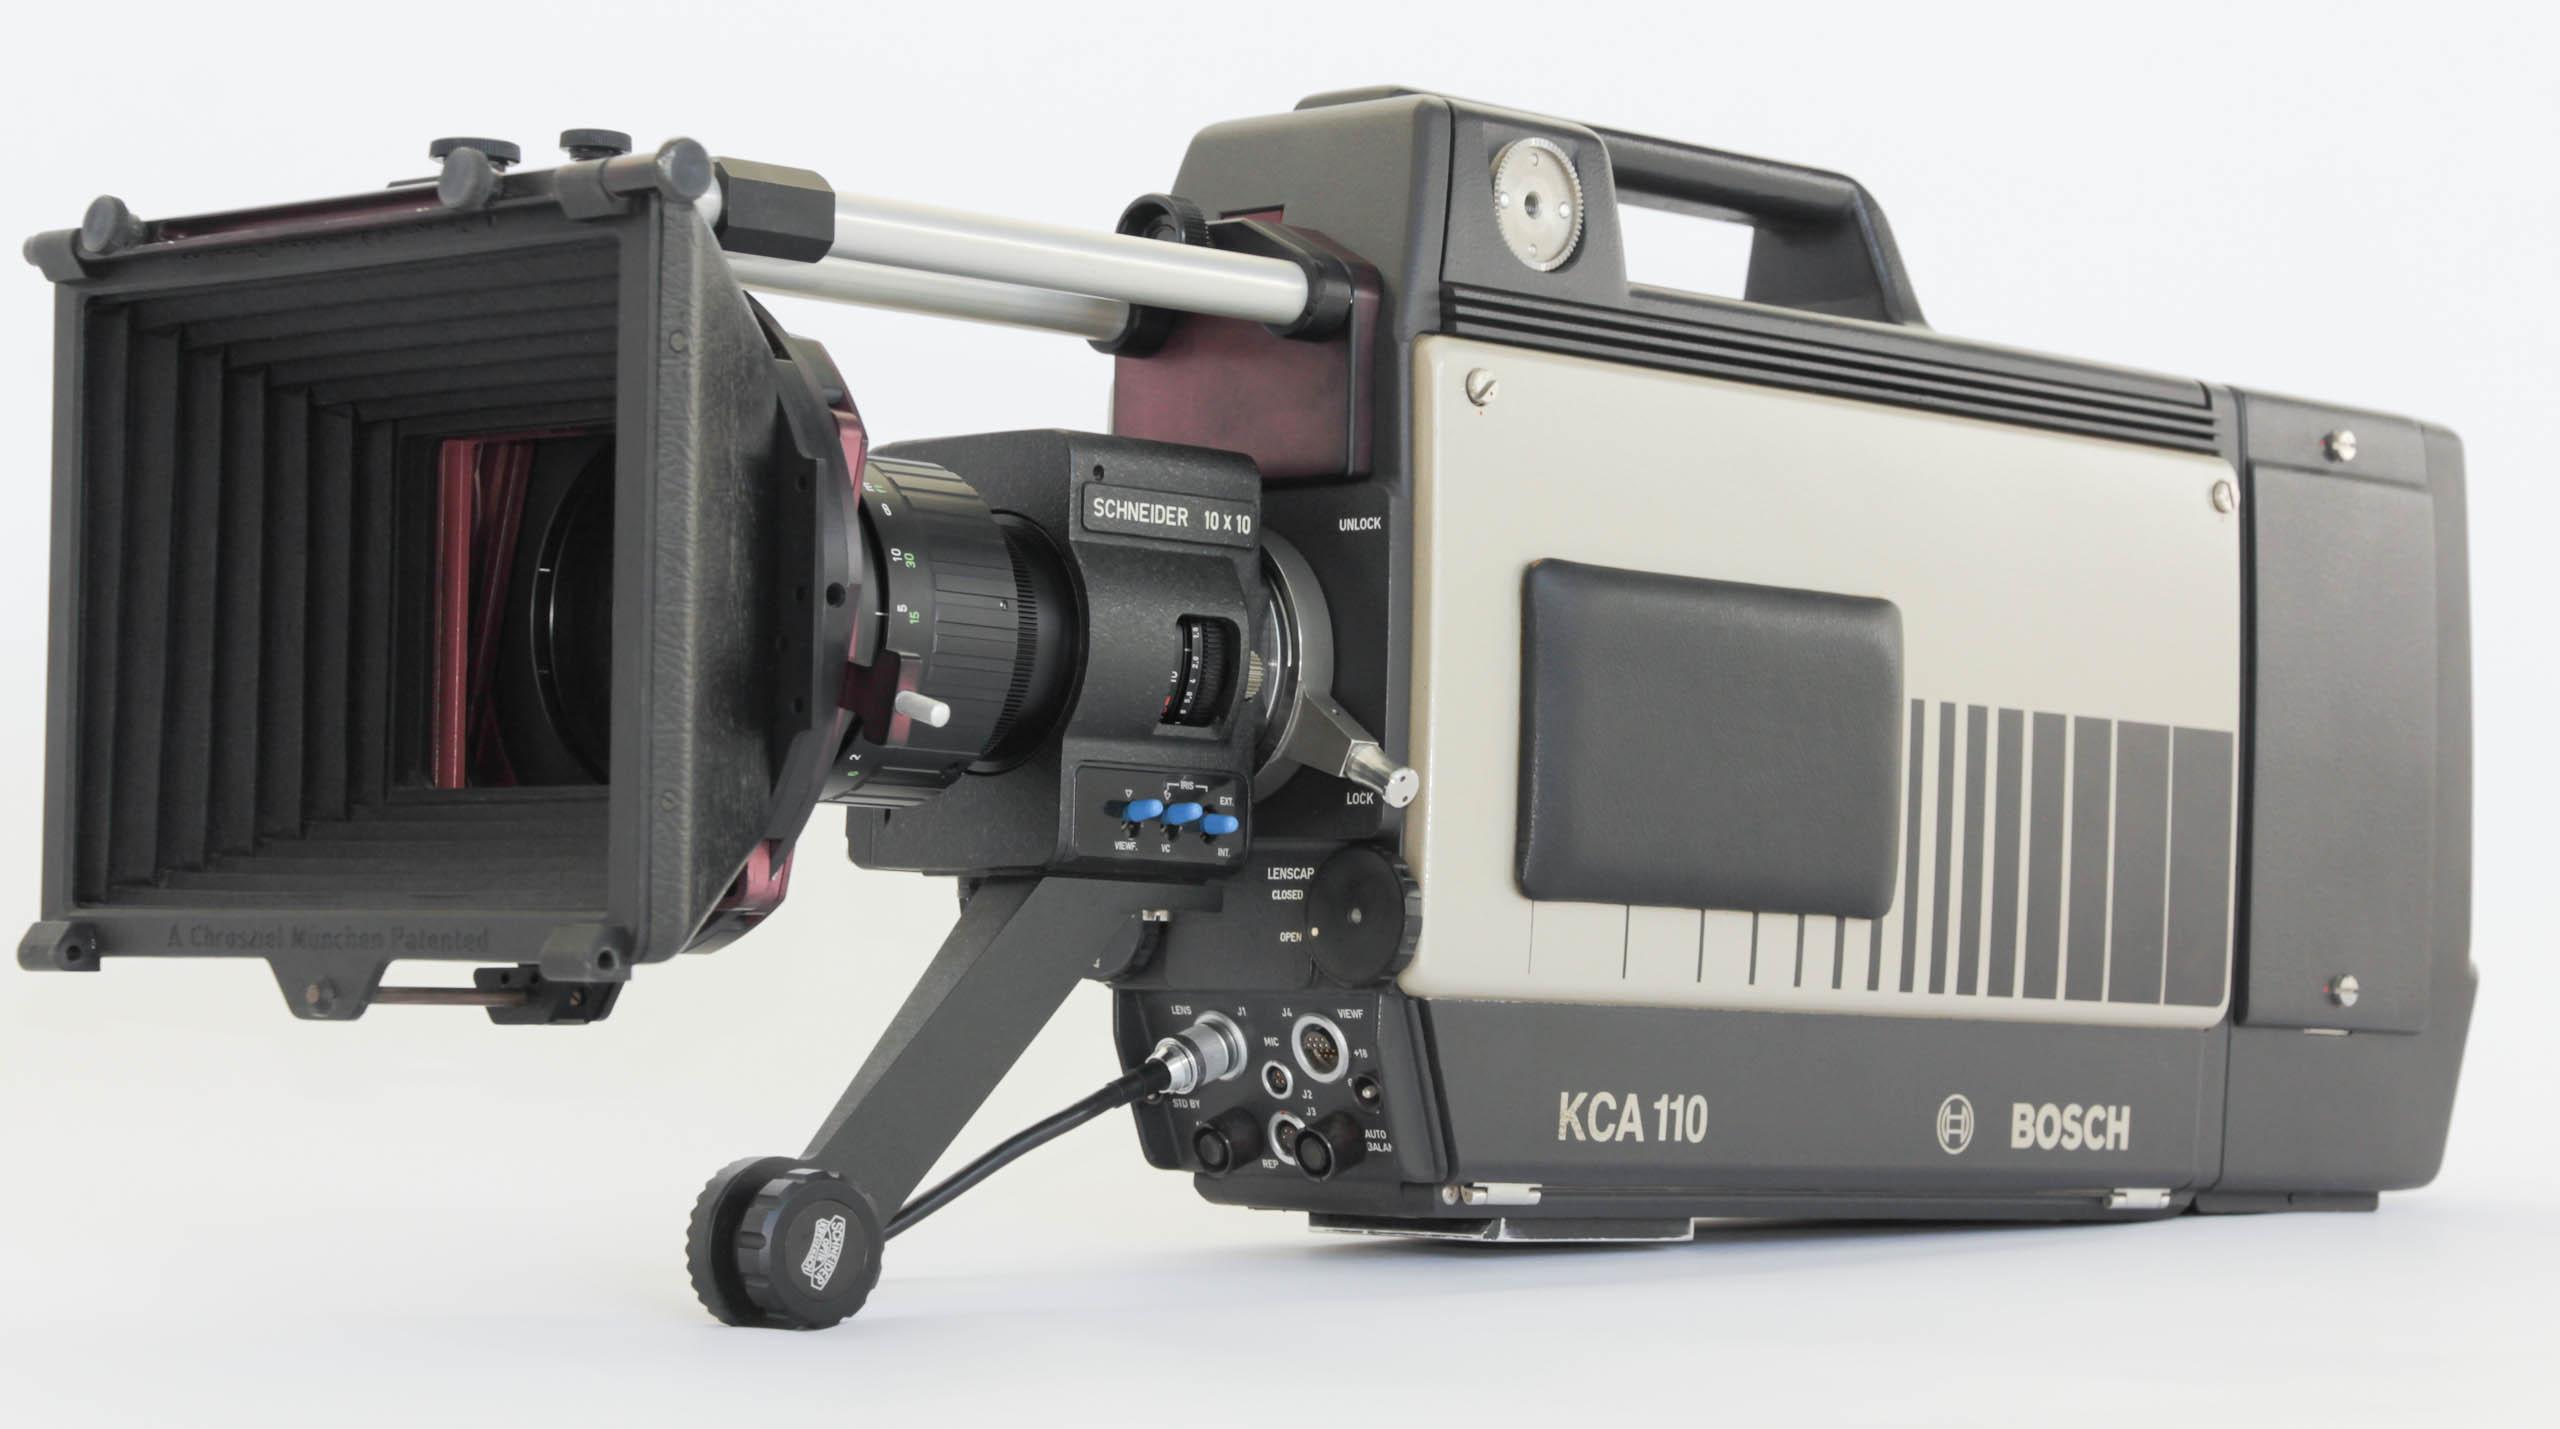 Bosch Fernseh KCA 110